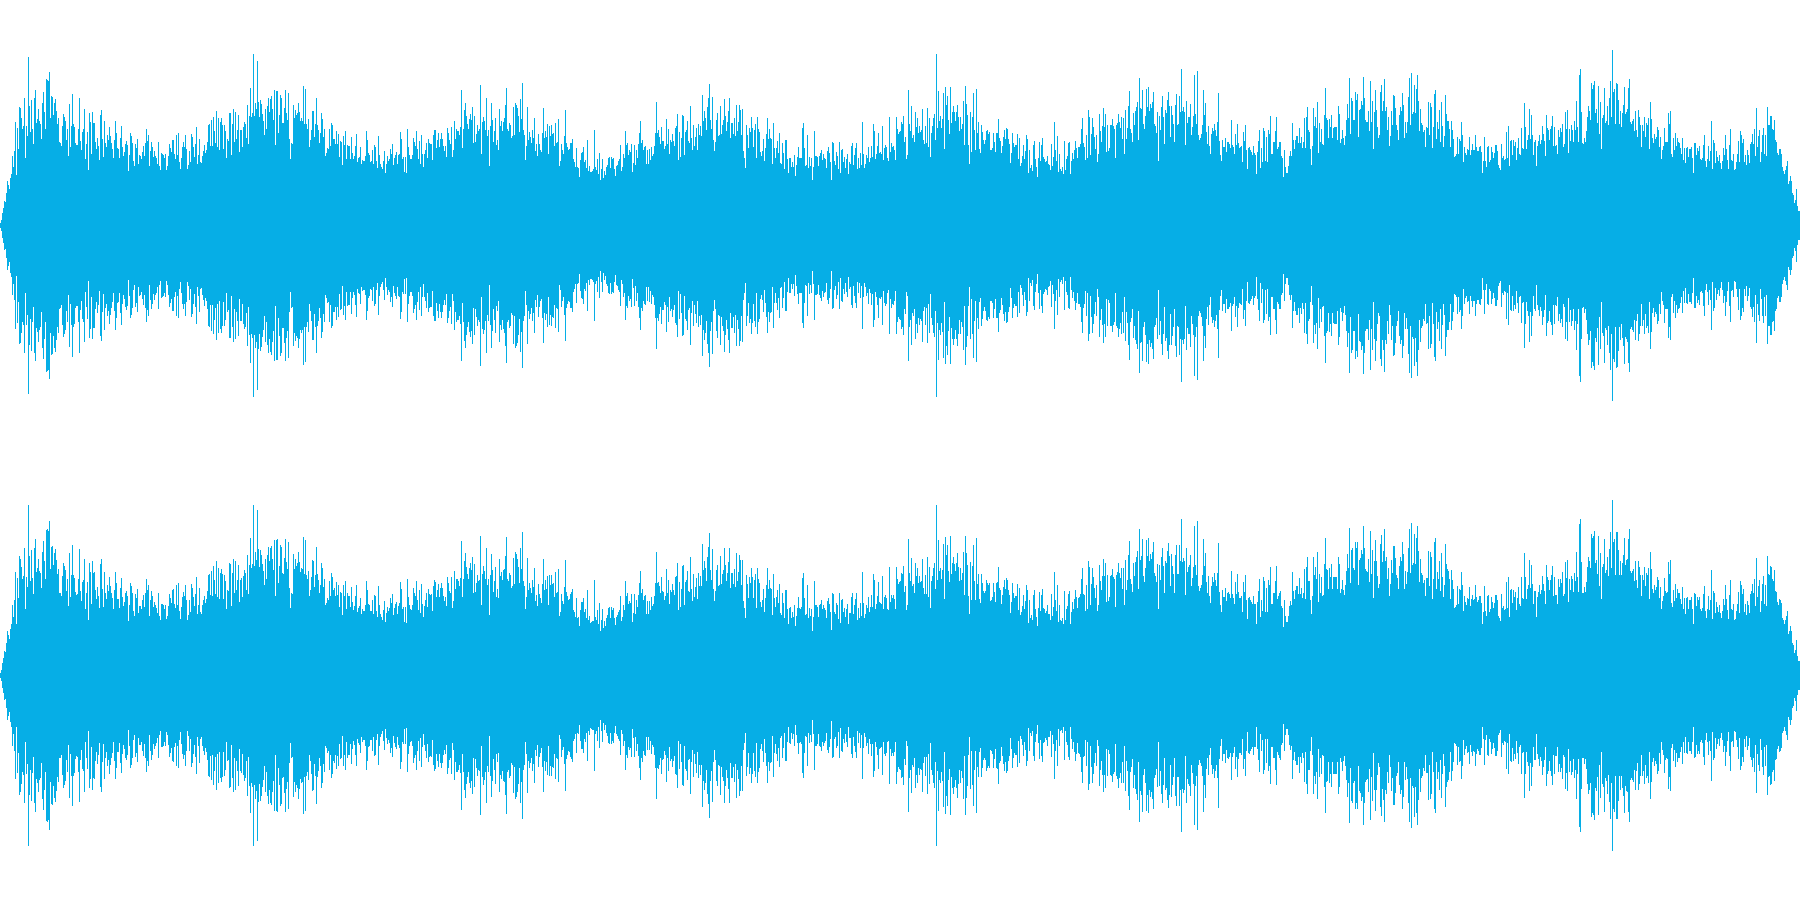 宇宙人の音の再生済みの波形